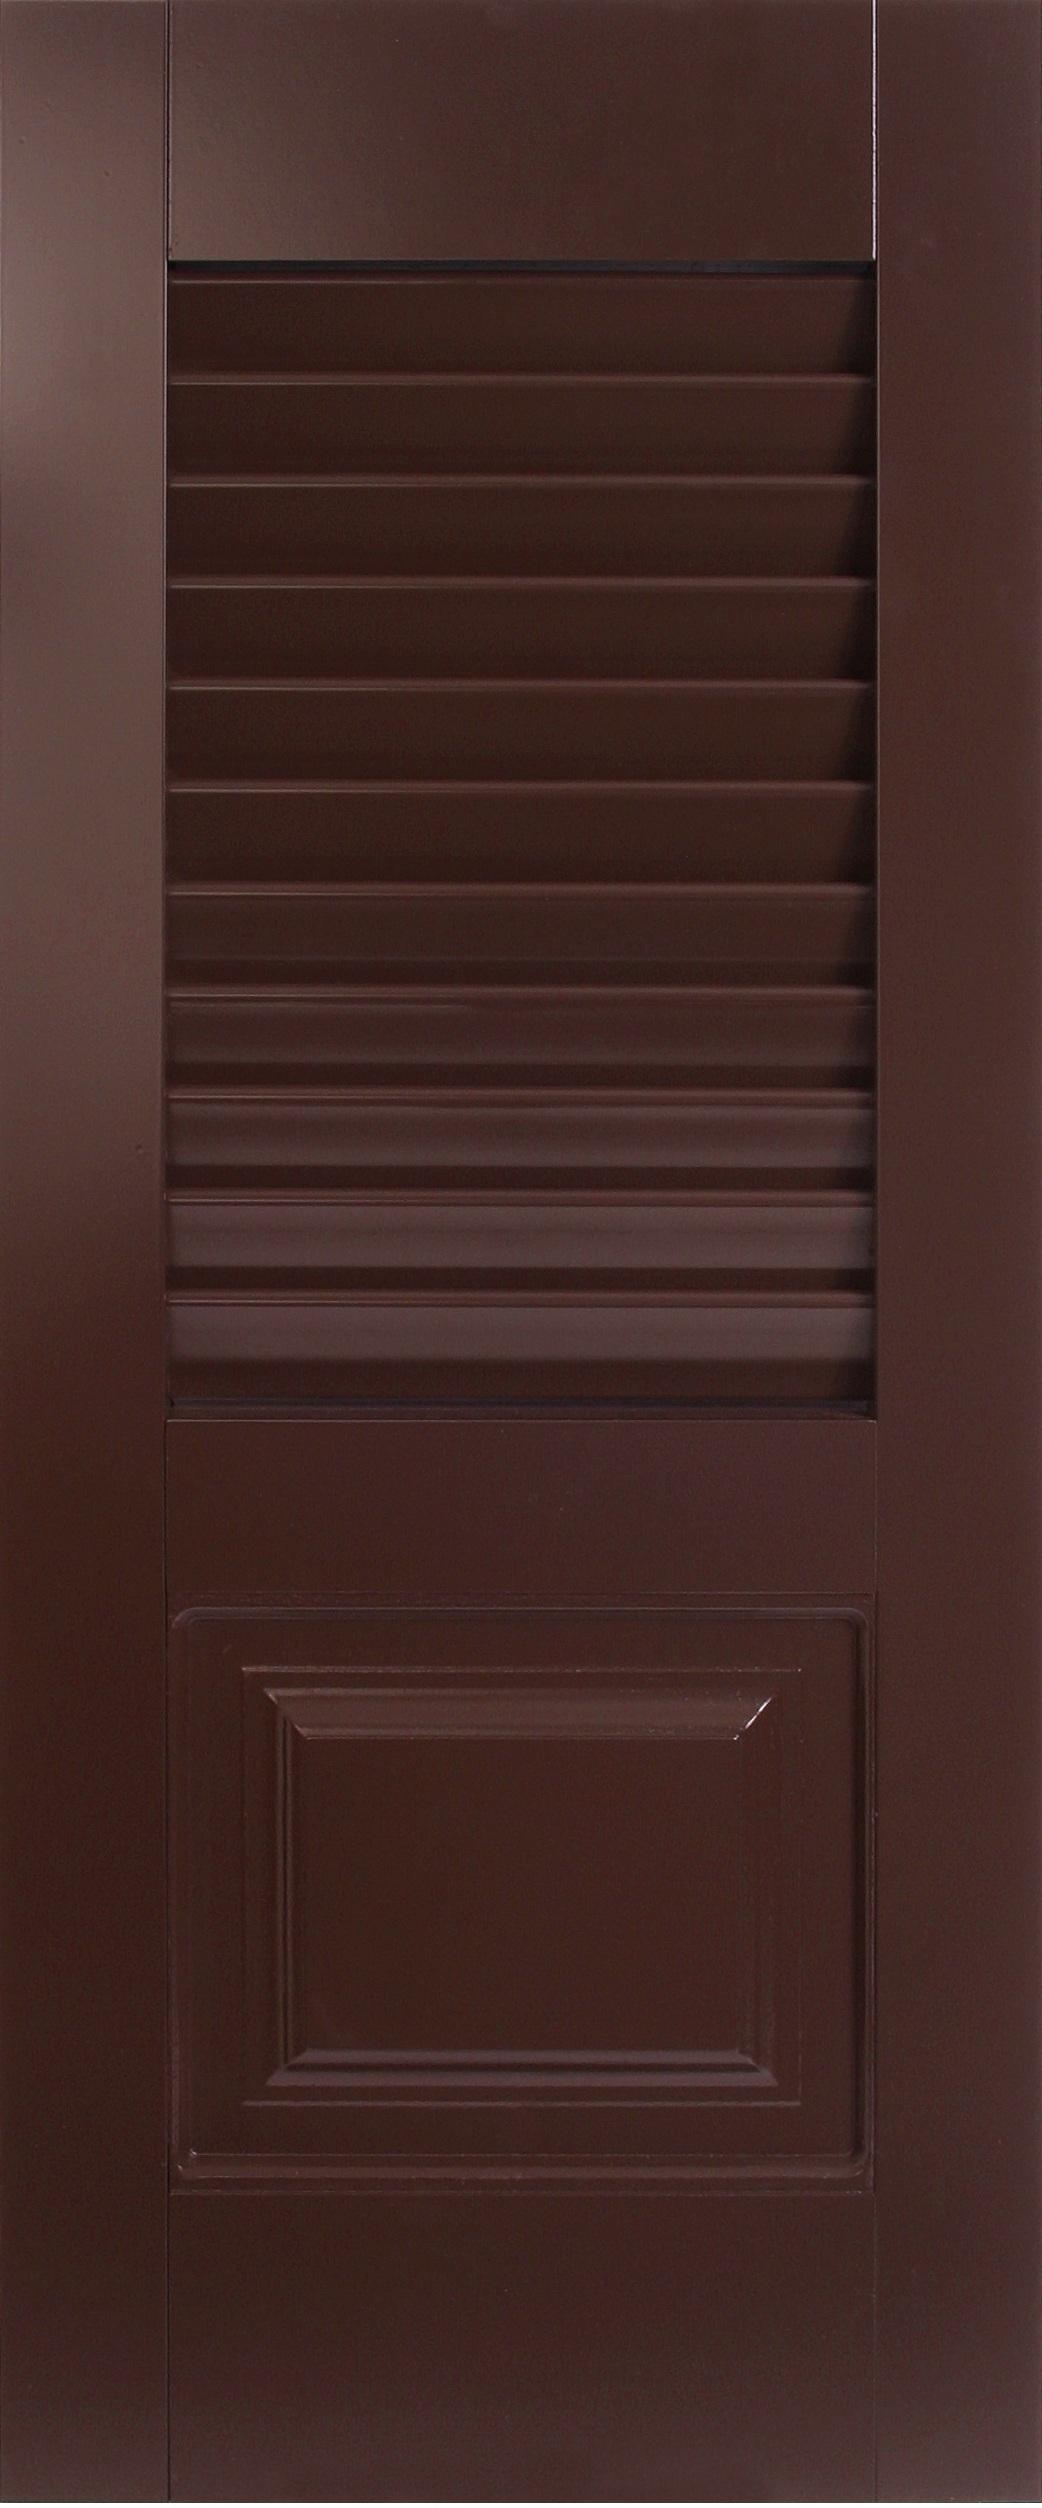 PVC Composite Shutters - Louver-Panel